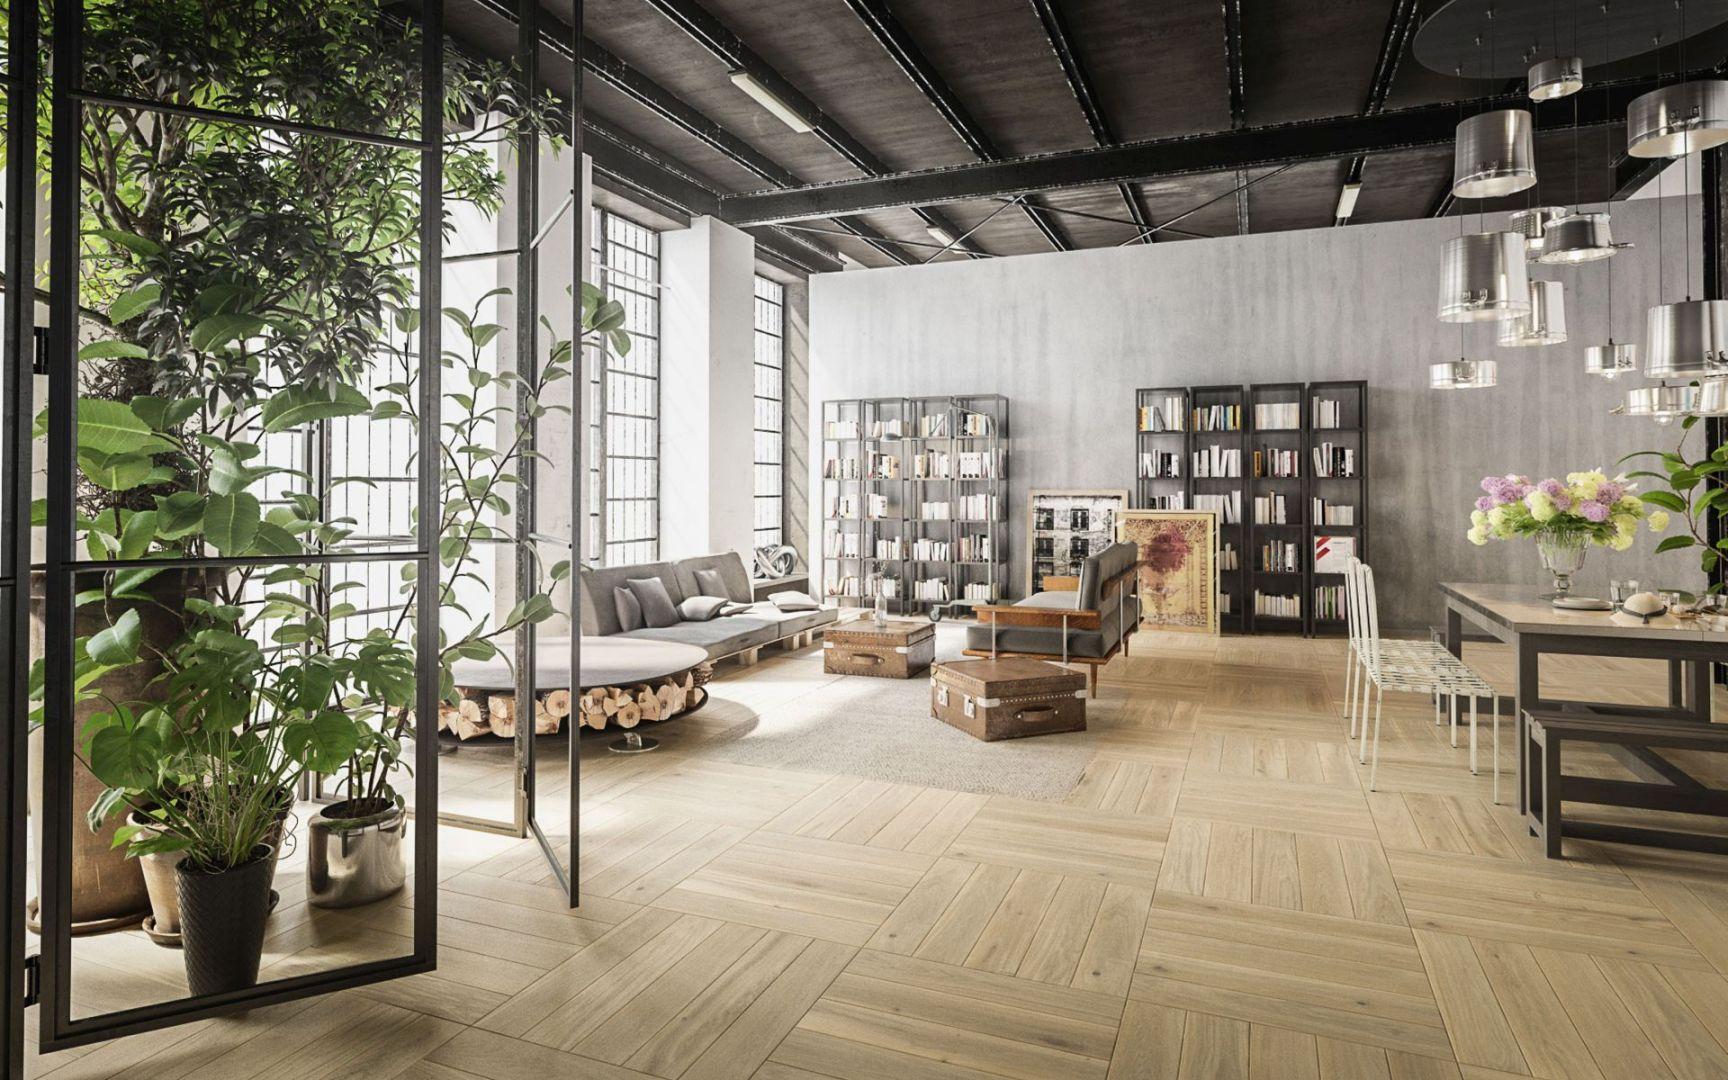 FertigDeska Design Experience Maxi/Jawor-Parkiet. Wyróżnienie w kategorii Podłogi i Ściany